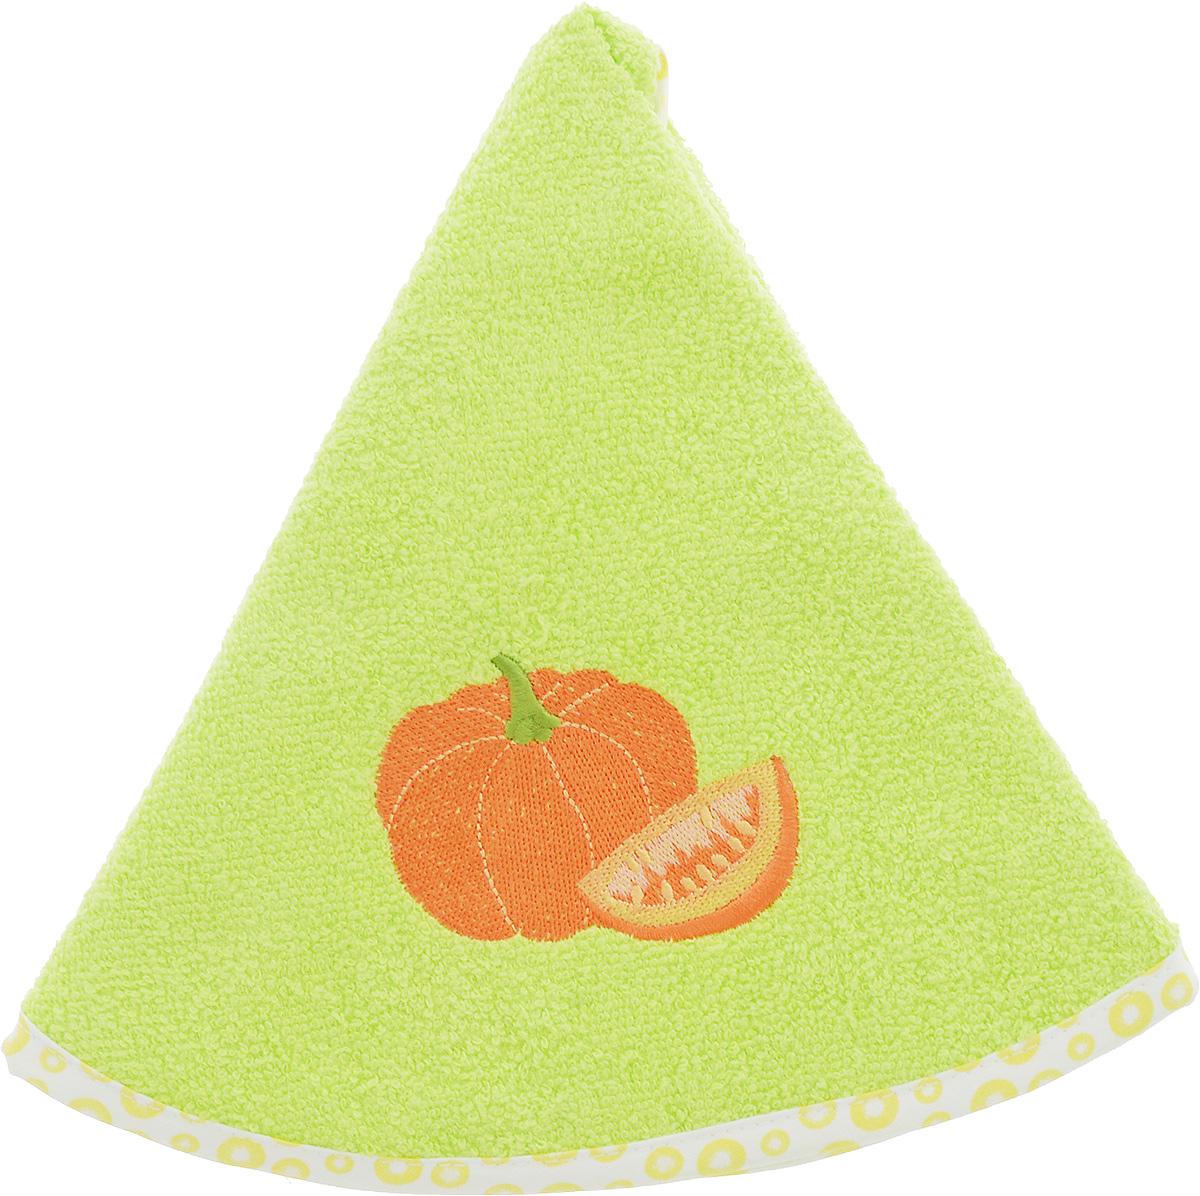 Полотенце кухонное Karna Zelina. Тыква, цвет: салатовый, оранжевый, диаметр 50 смVT-1520(SR)Круглое кухонное полотенце Karna Zelina. Тыква изготовлено из 100% хлопка, поэтому являетсяэкологически чистым. Качество материала гарантирует безопасность не только взрослым, но и самым маленьким членам семьи. Изделие мягкое и пушистое, оснащено удобной петелькой и украшено оригинальной вышивкой. Кухонное полотенце Karna сделает интерьер вашей кухни стильным и гармоничным.Диаметр полотенца: 50 см.